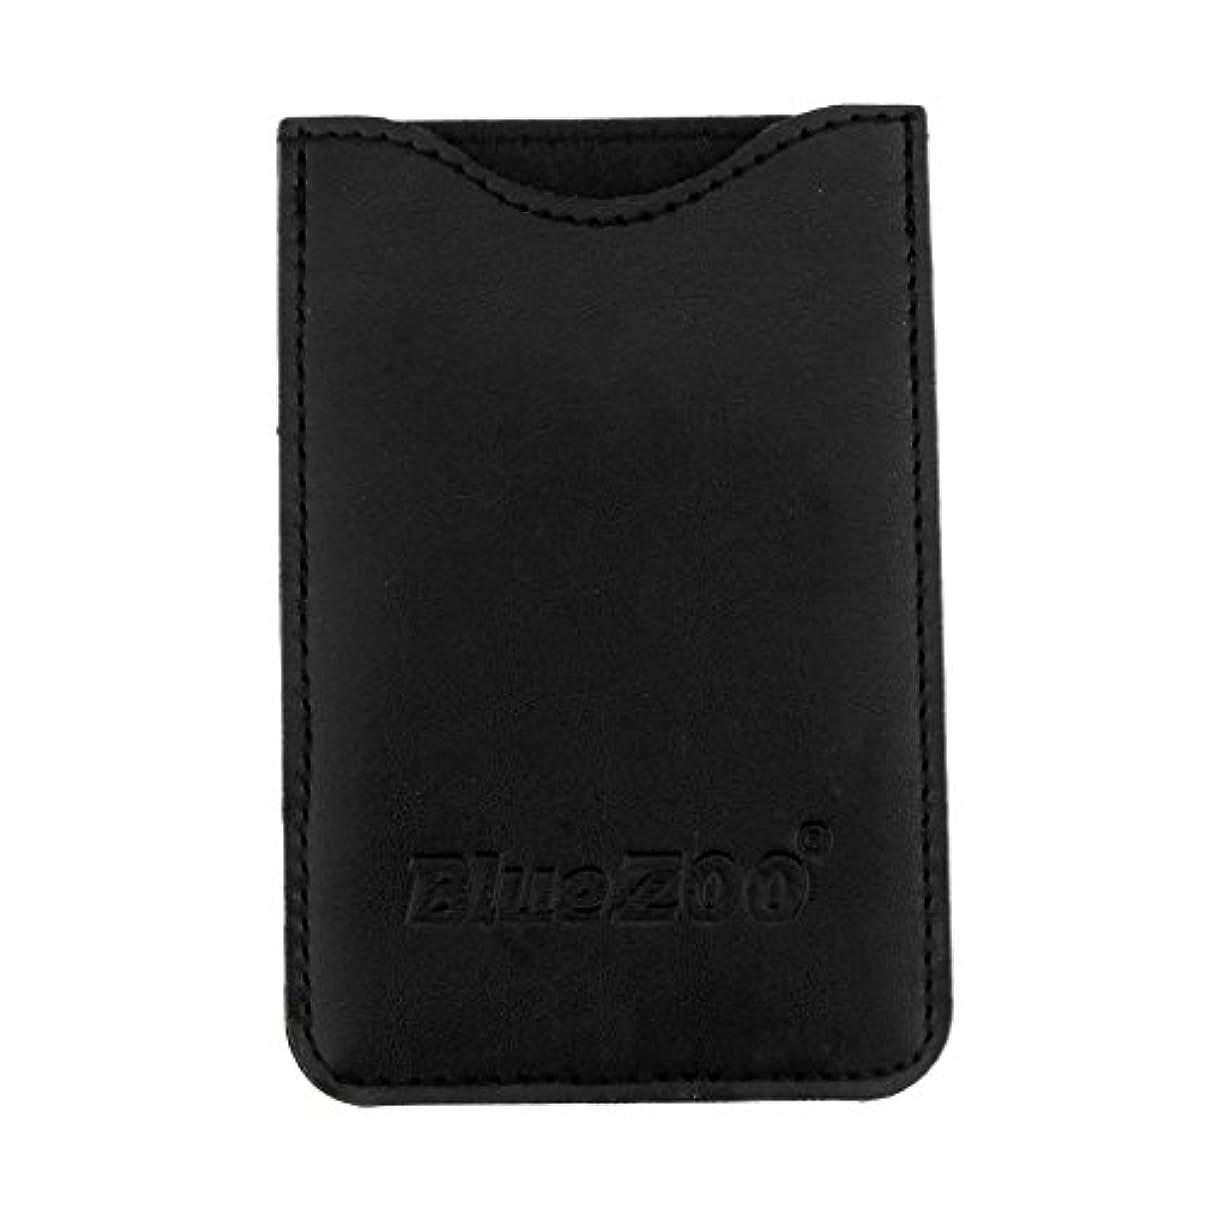 防止横にファントムToygogo PUレザー ポケット コームバッグ 櫛バッグ 収納パック 保護カバー 柔らかい 全2色 - ブラック